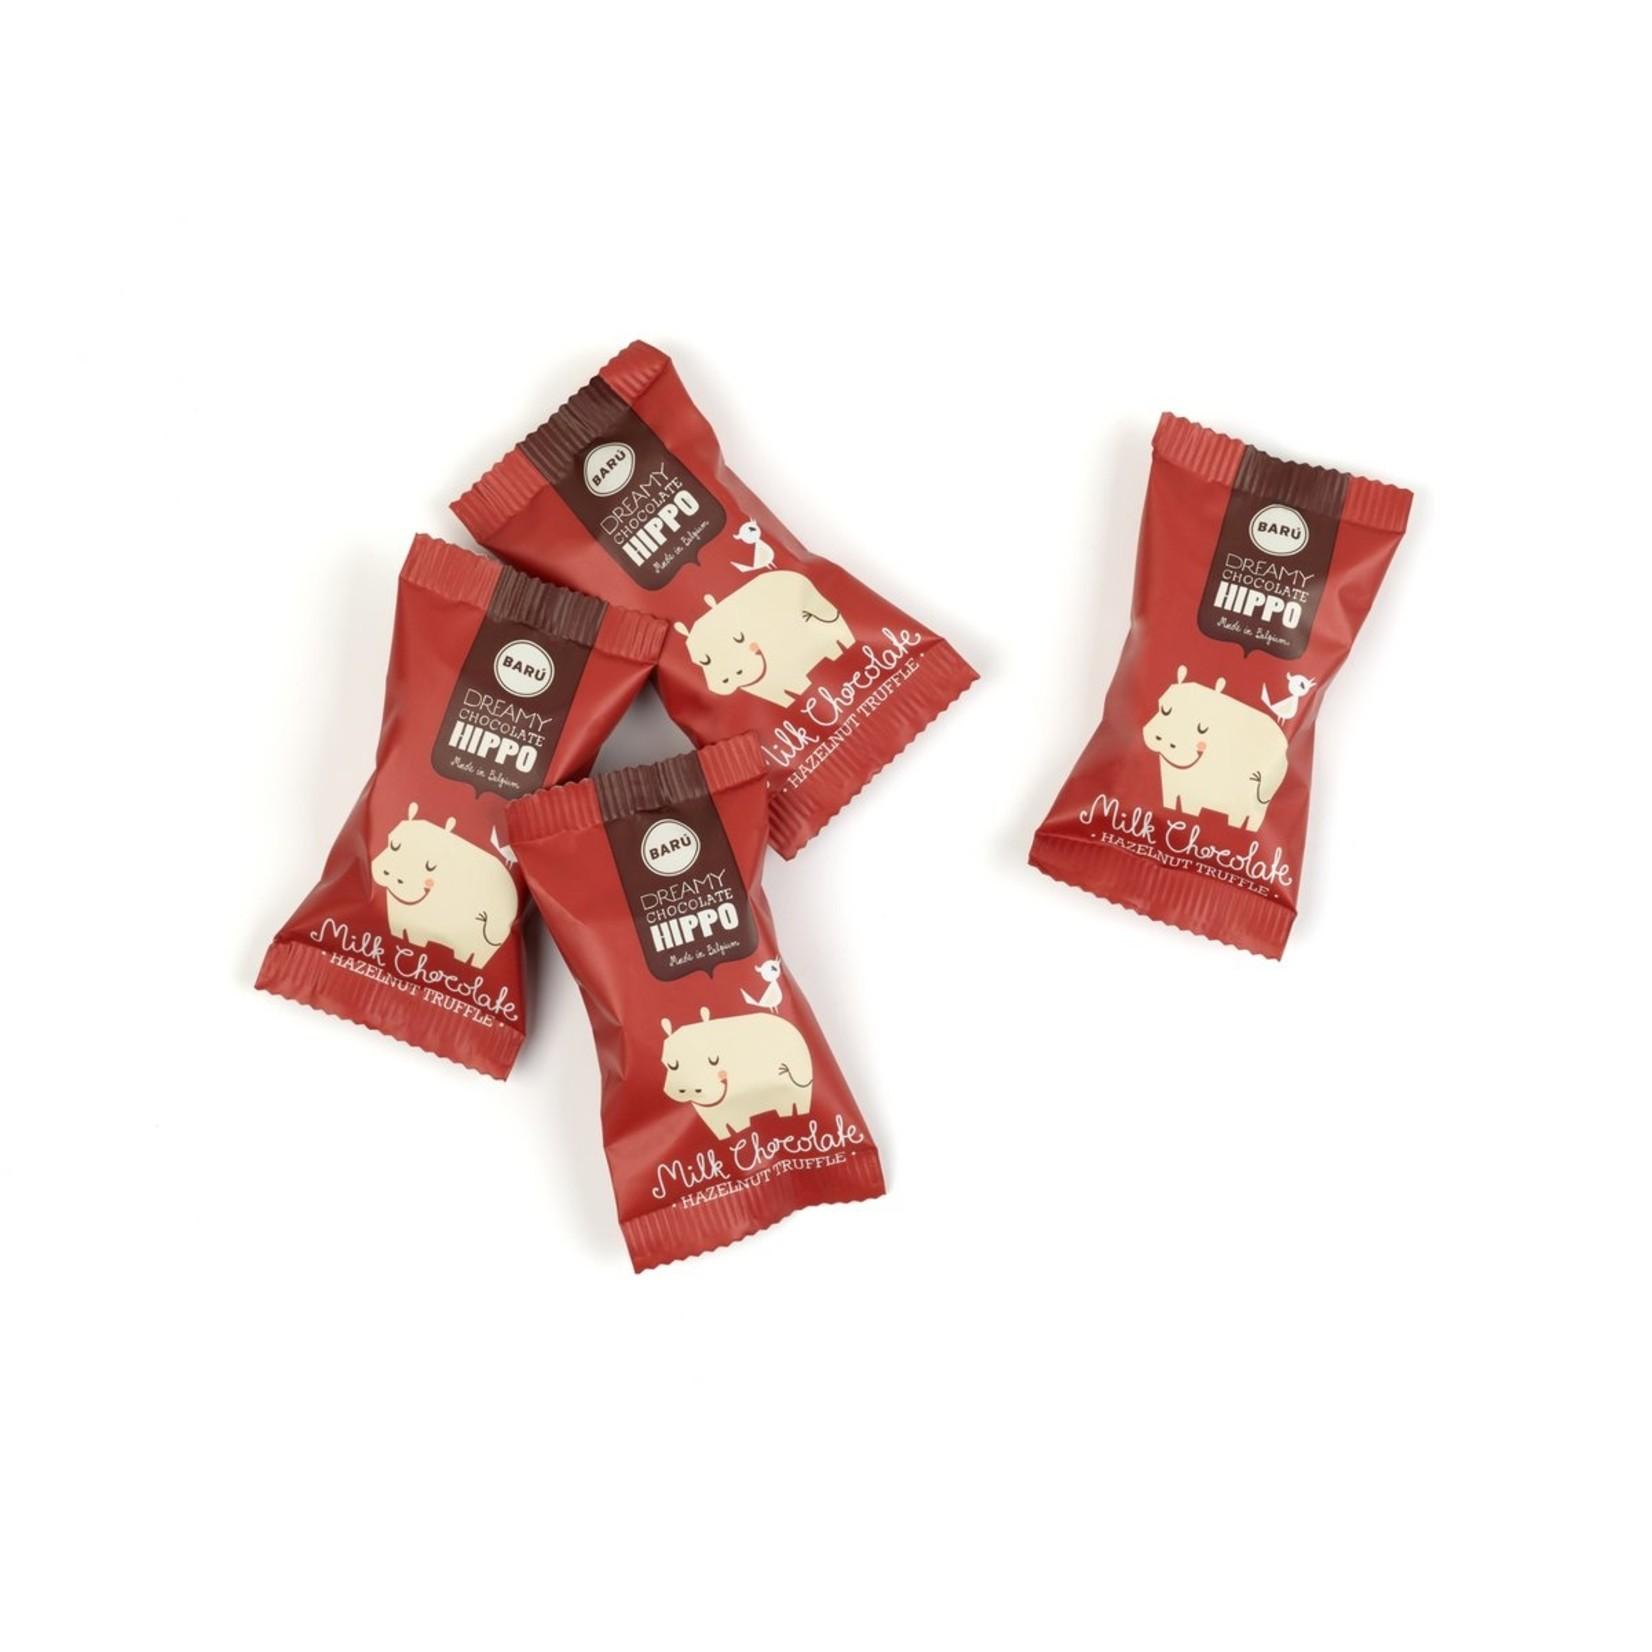 Baru Dreamy Chocolate Hippos Milk Chocolate & Hazelnut Truffle